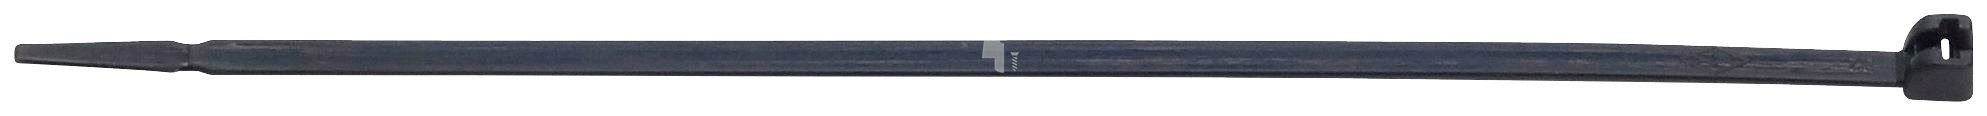 RAMSES Kabelbinder , mit Metallzunge Schwarz 4,8 x 360 mm Kunststoff 100 Stück